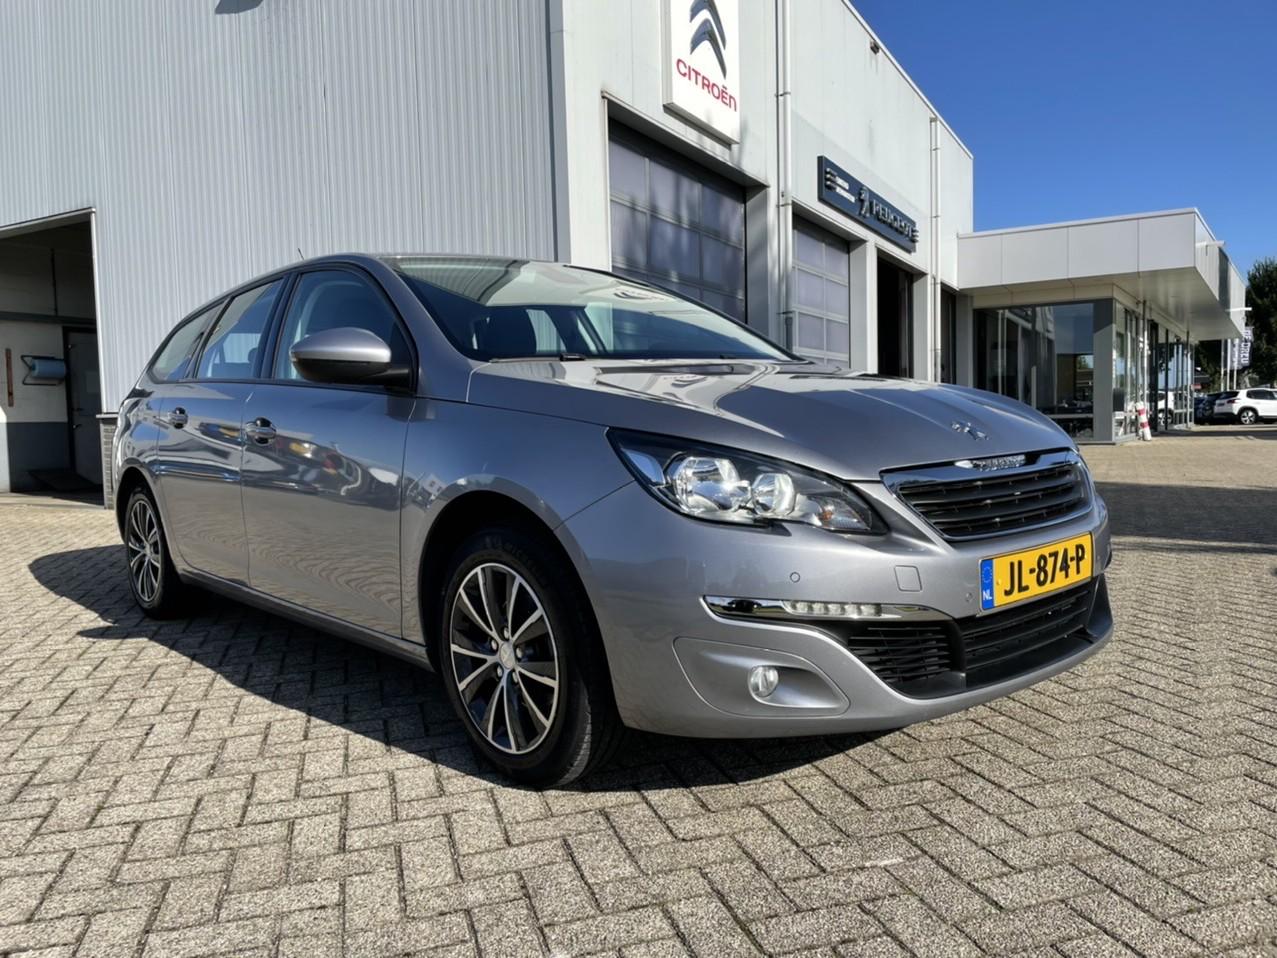 Peugeot 308 Sw 130 pk blue lease rijklaar prijs